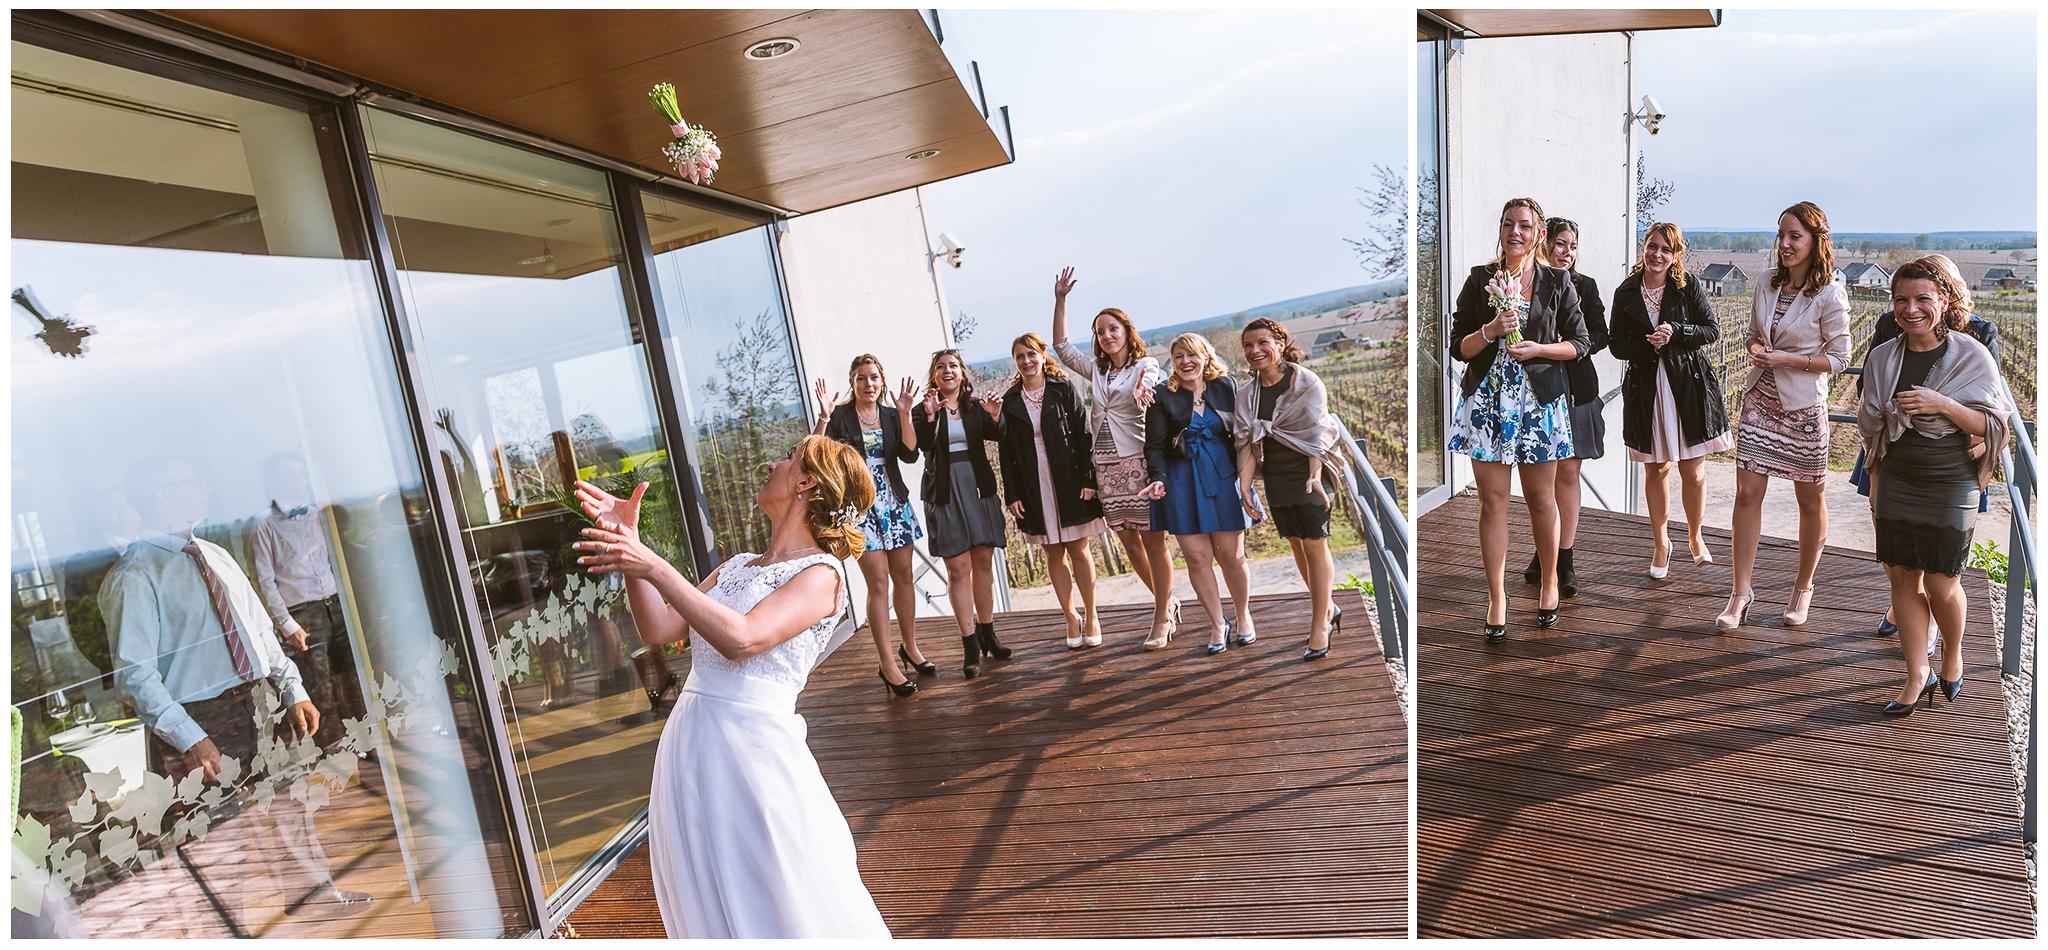 FylepPhoto, esküvőfotós, esküvői fotós Körmend, Szombathely, esküvőfotózás, magyarország, vas megye, prémium, jegyesfotózás, Fülöp Péter, körmend, kreatív, fotográfus_36.jpg